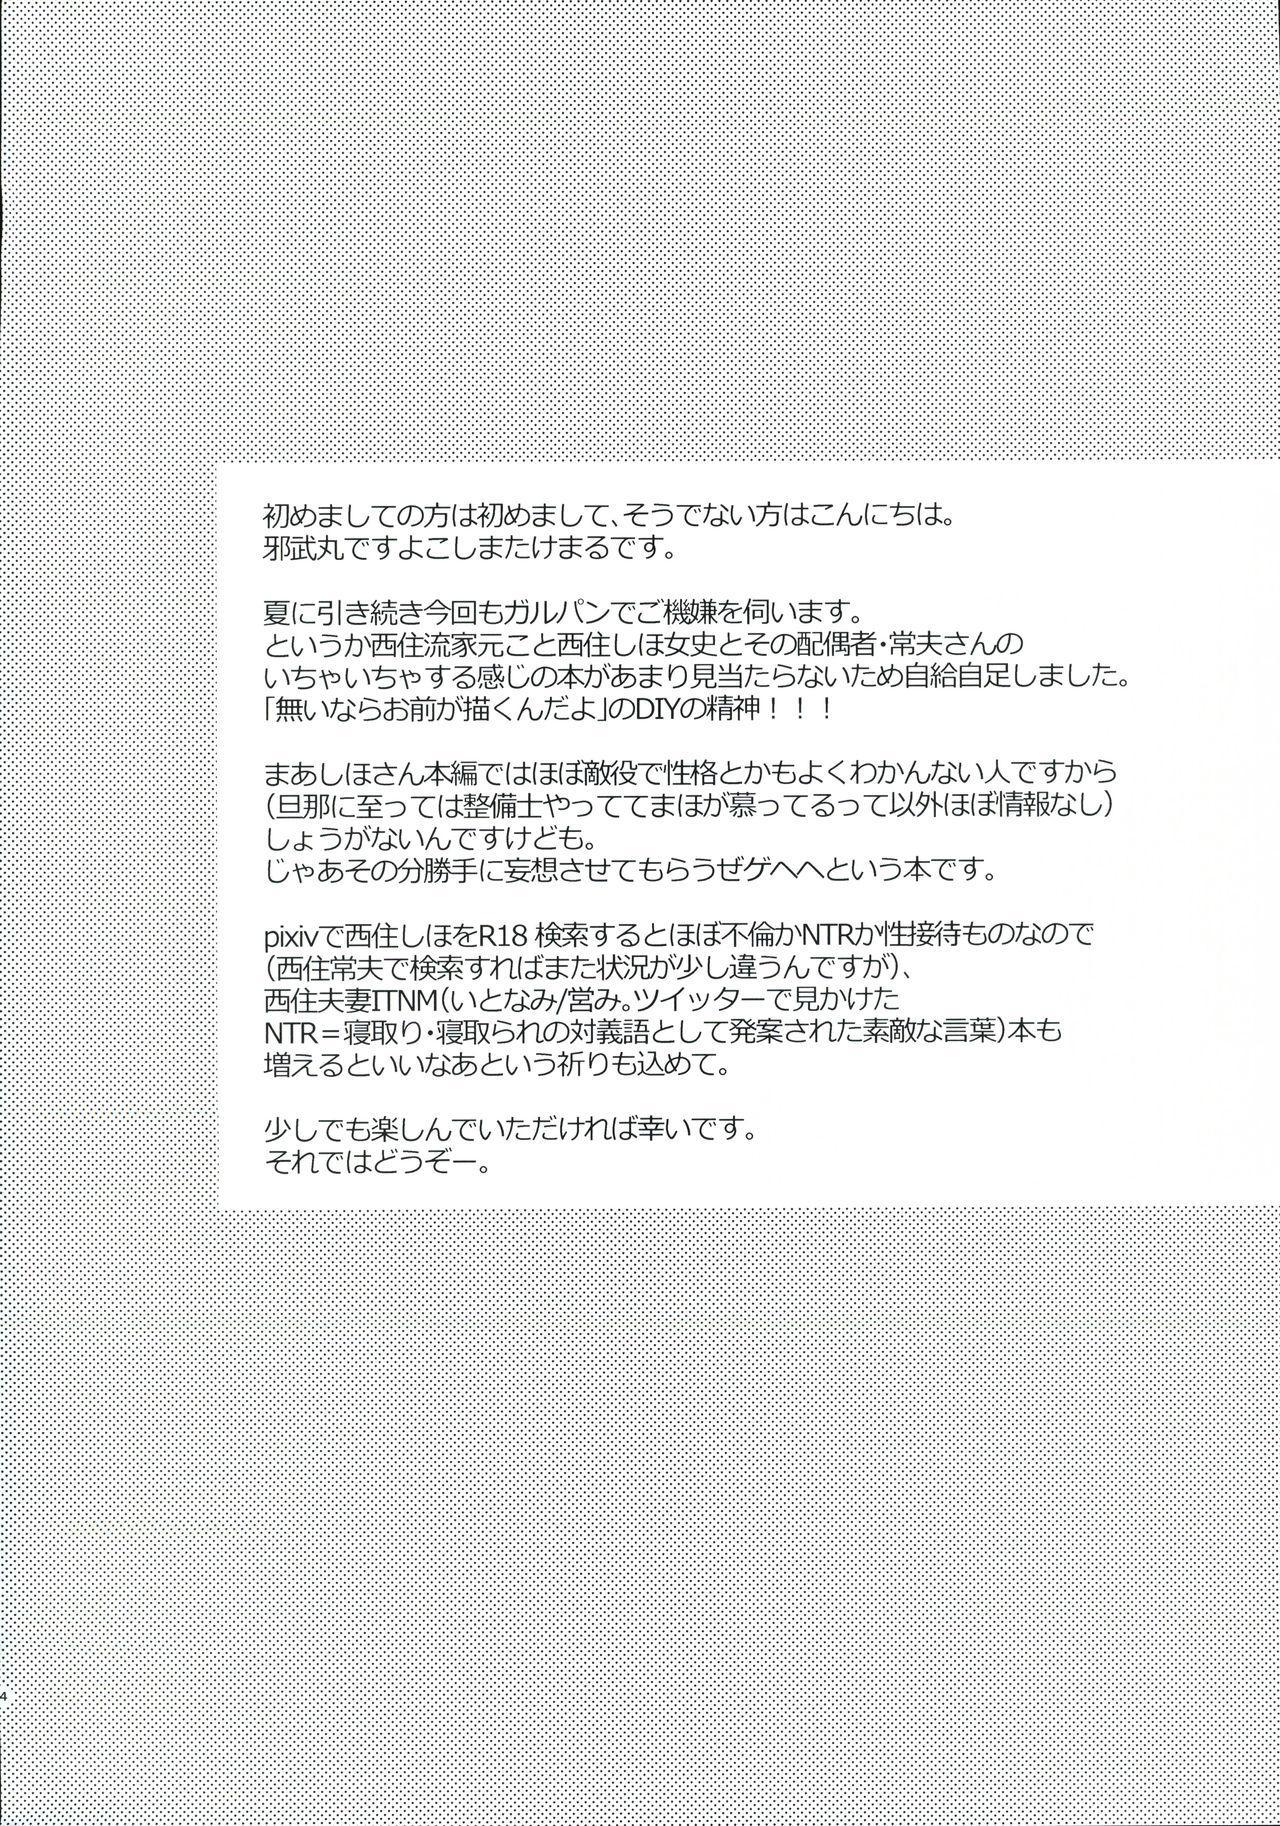 (C97) [Yokoshimaya. (Yokoshima Takemaru)] danna-san ni shika Misenai Hyoujou o Suru Nishizumi-ryuu Iemoto (Girls und Panzer) [Chinese] [爱弹幕汉化组] 3